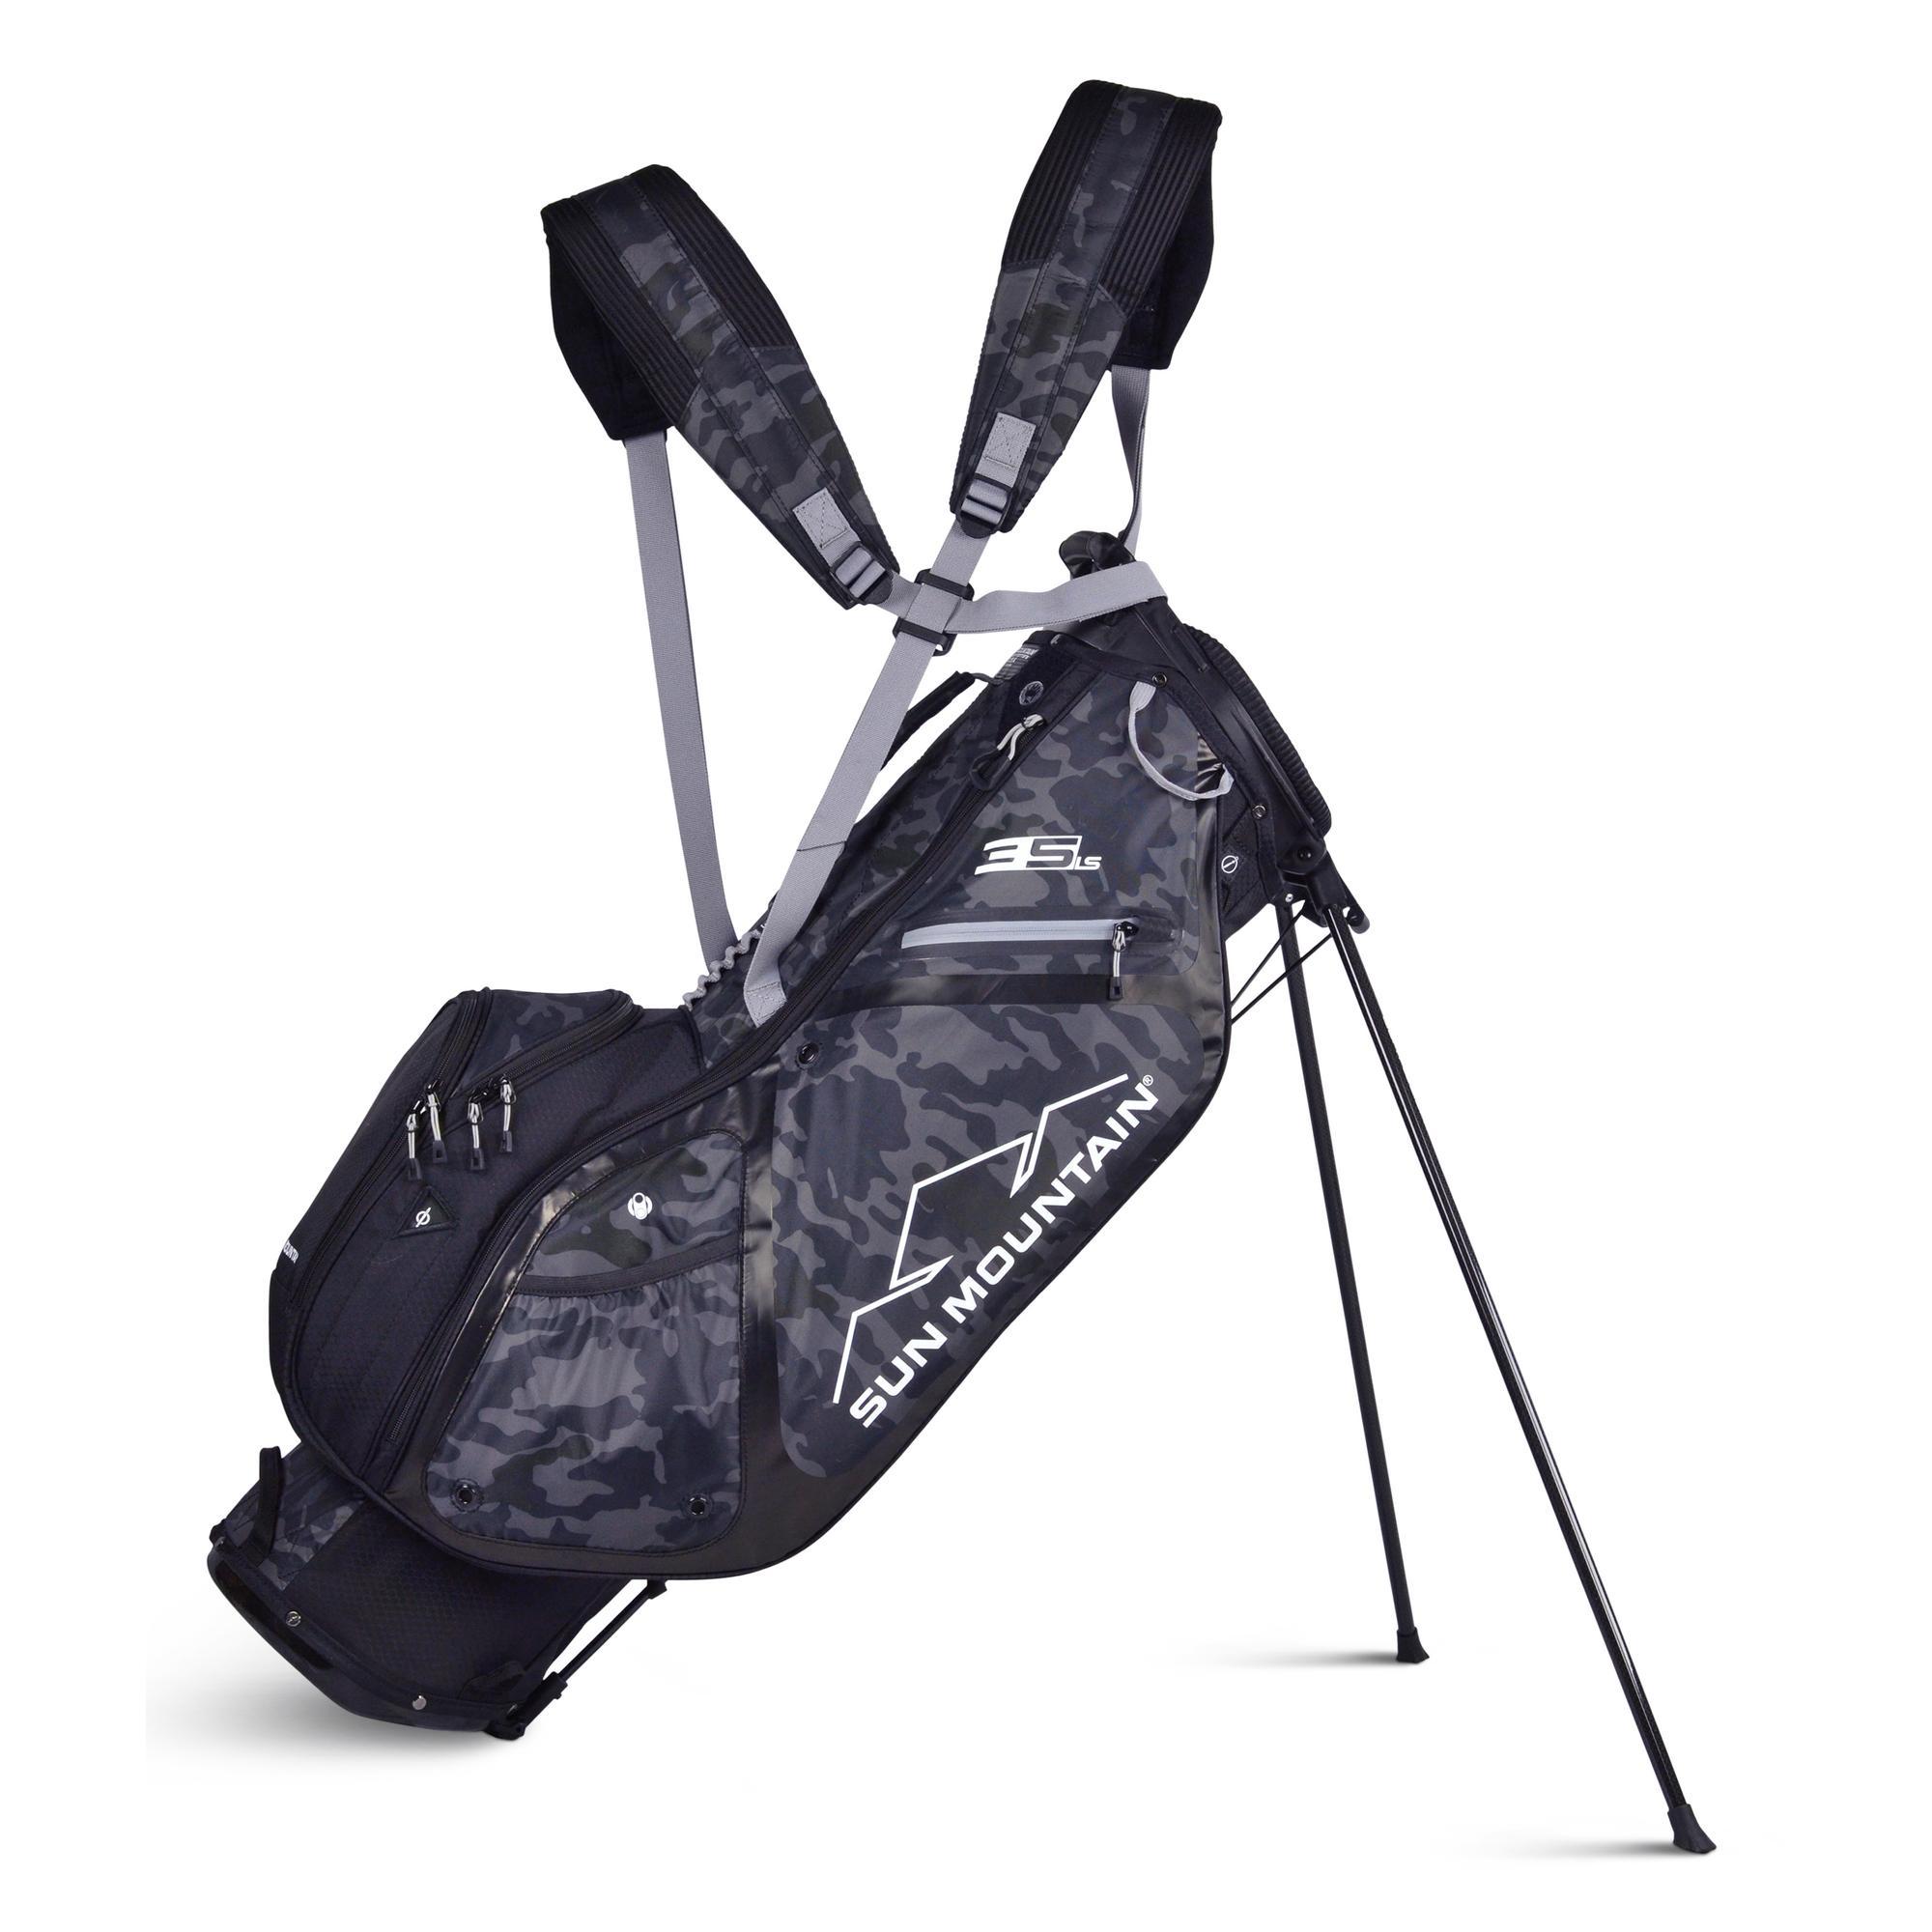 3.5 LS Zero-G Stand Bag